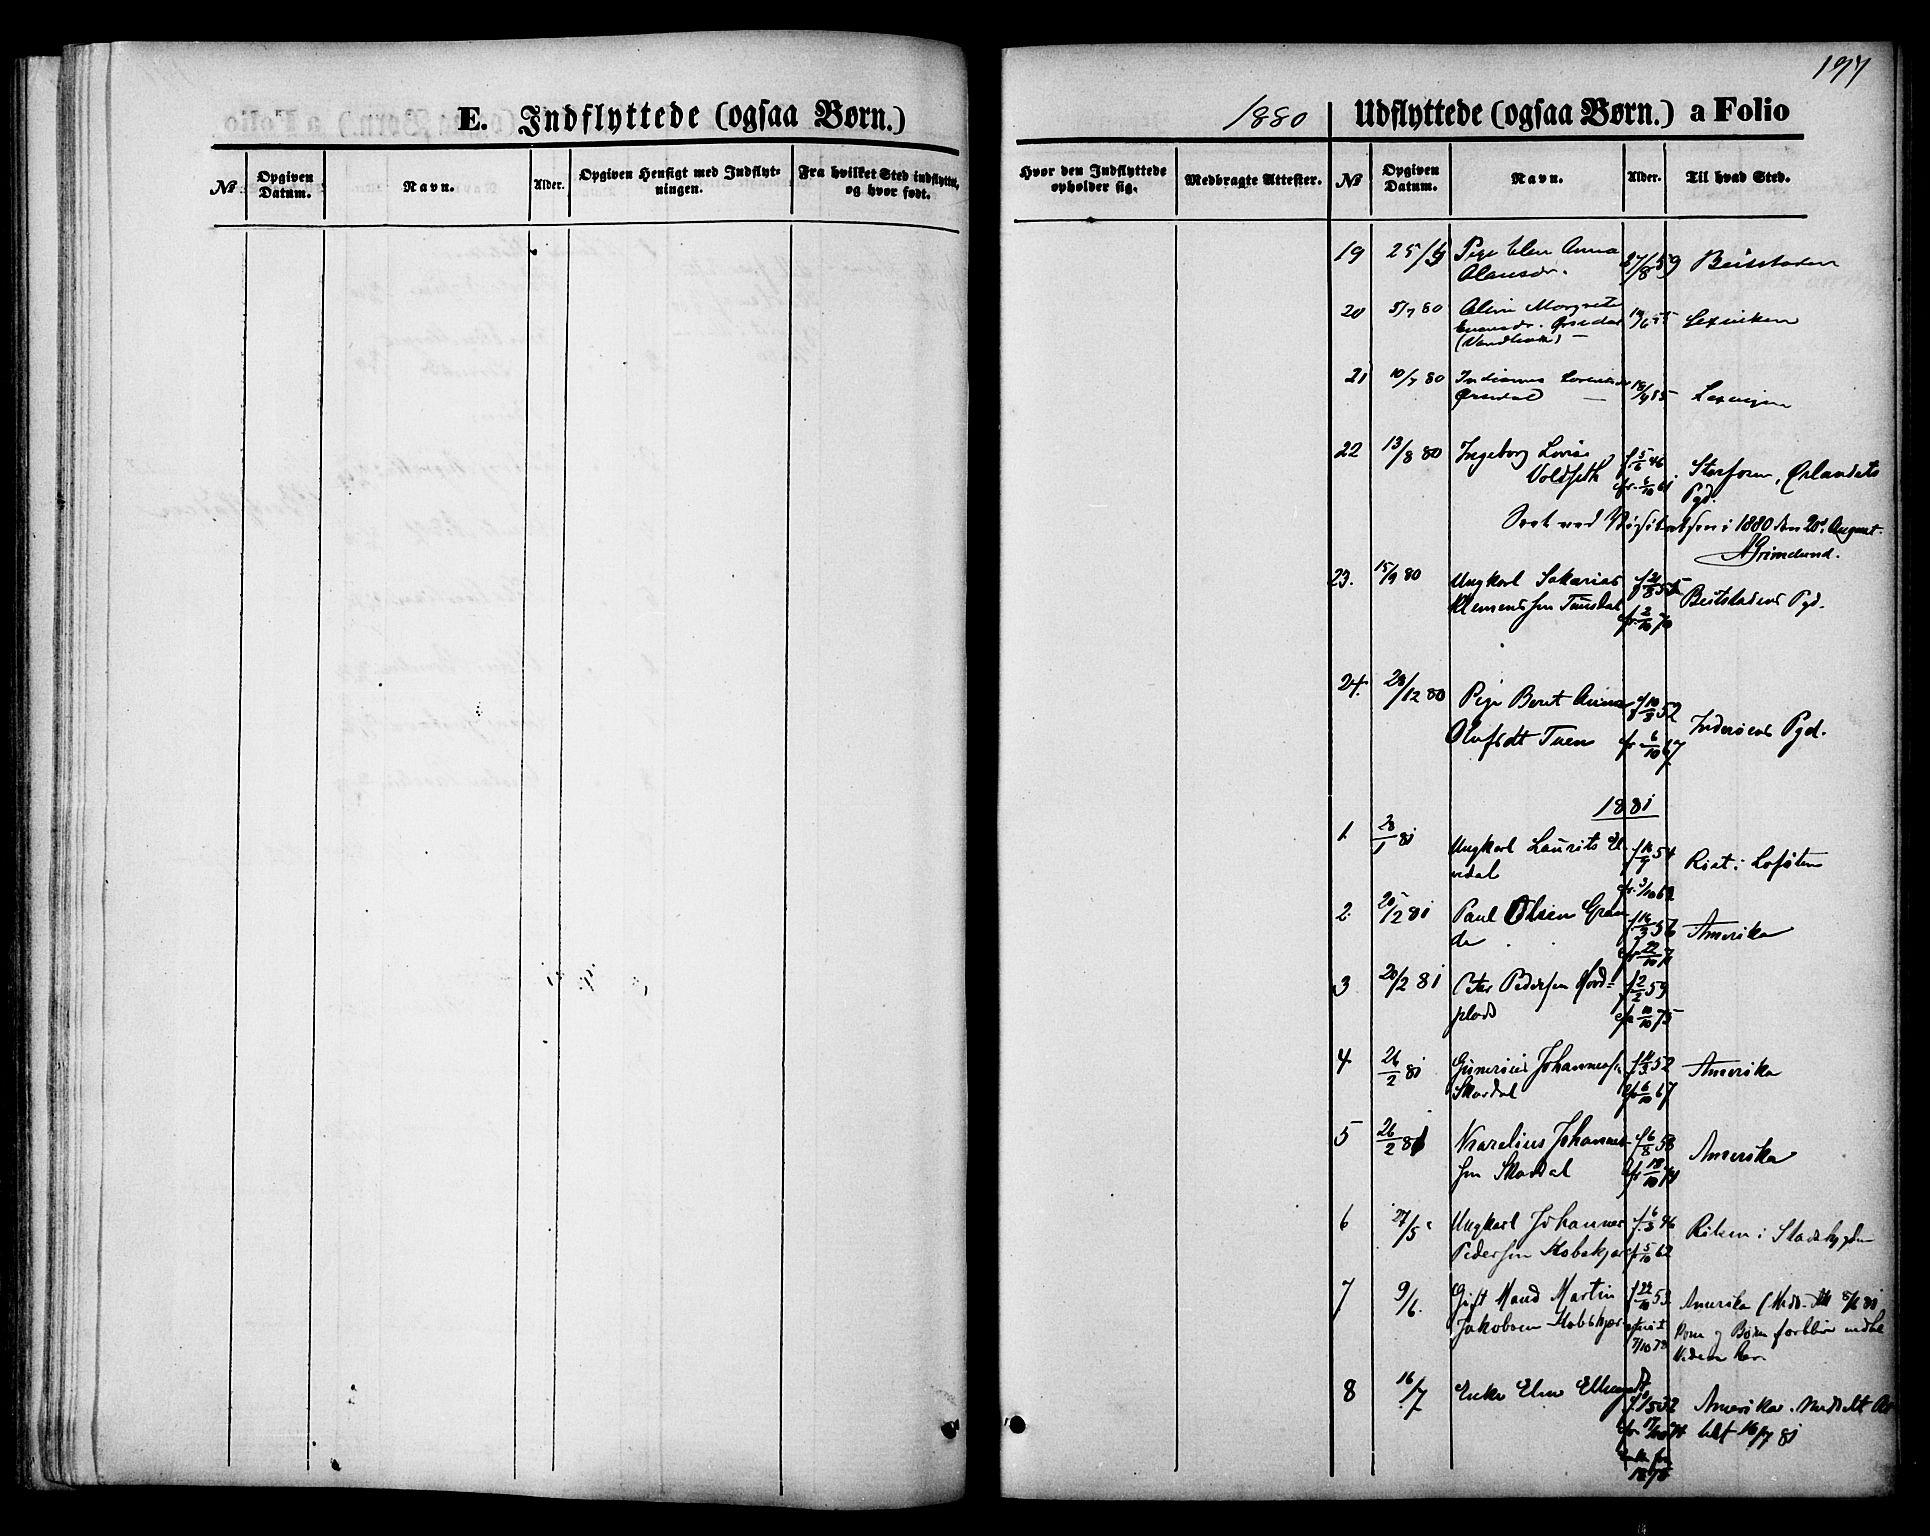 SAT, Ministerialprotokoller, klokkerbøker og fødselsregistre - Nord-Trøndelag, 744/L0419: Ministerialbok nr. 744A03, 1867-1881, s. 197